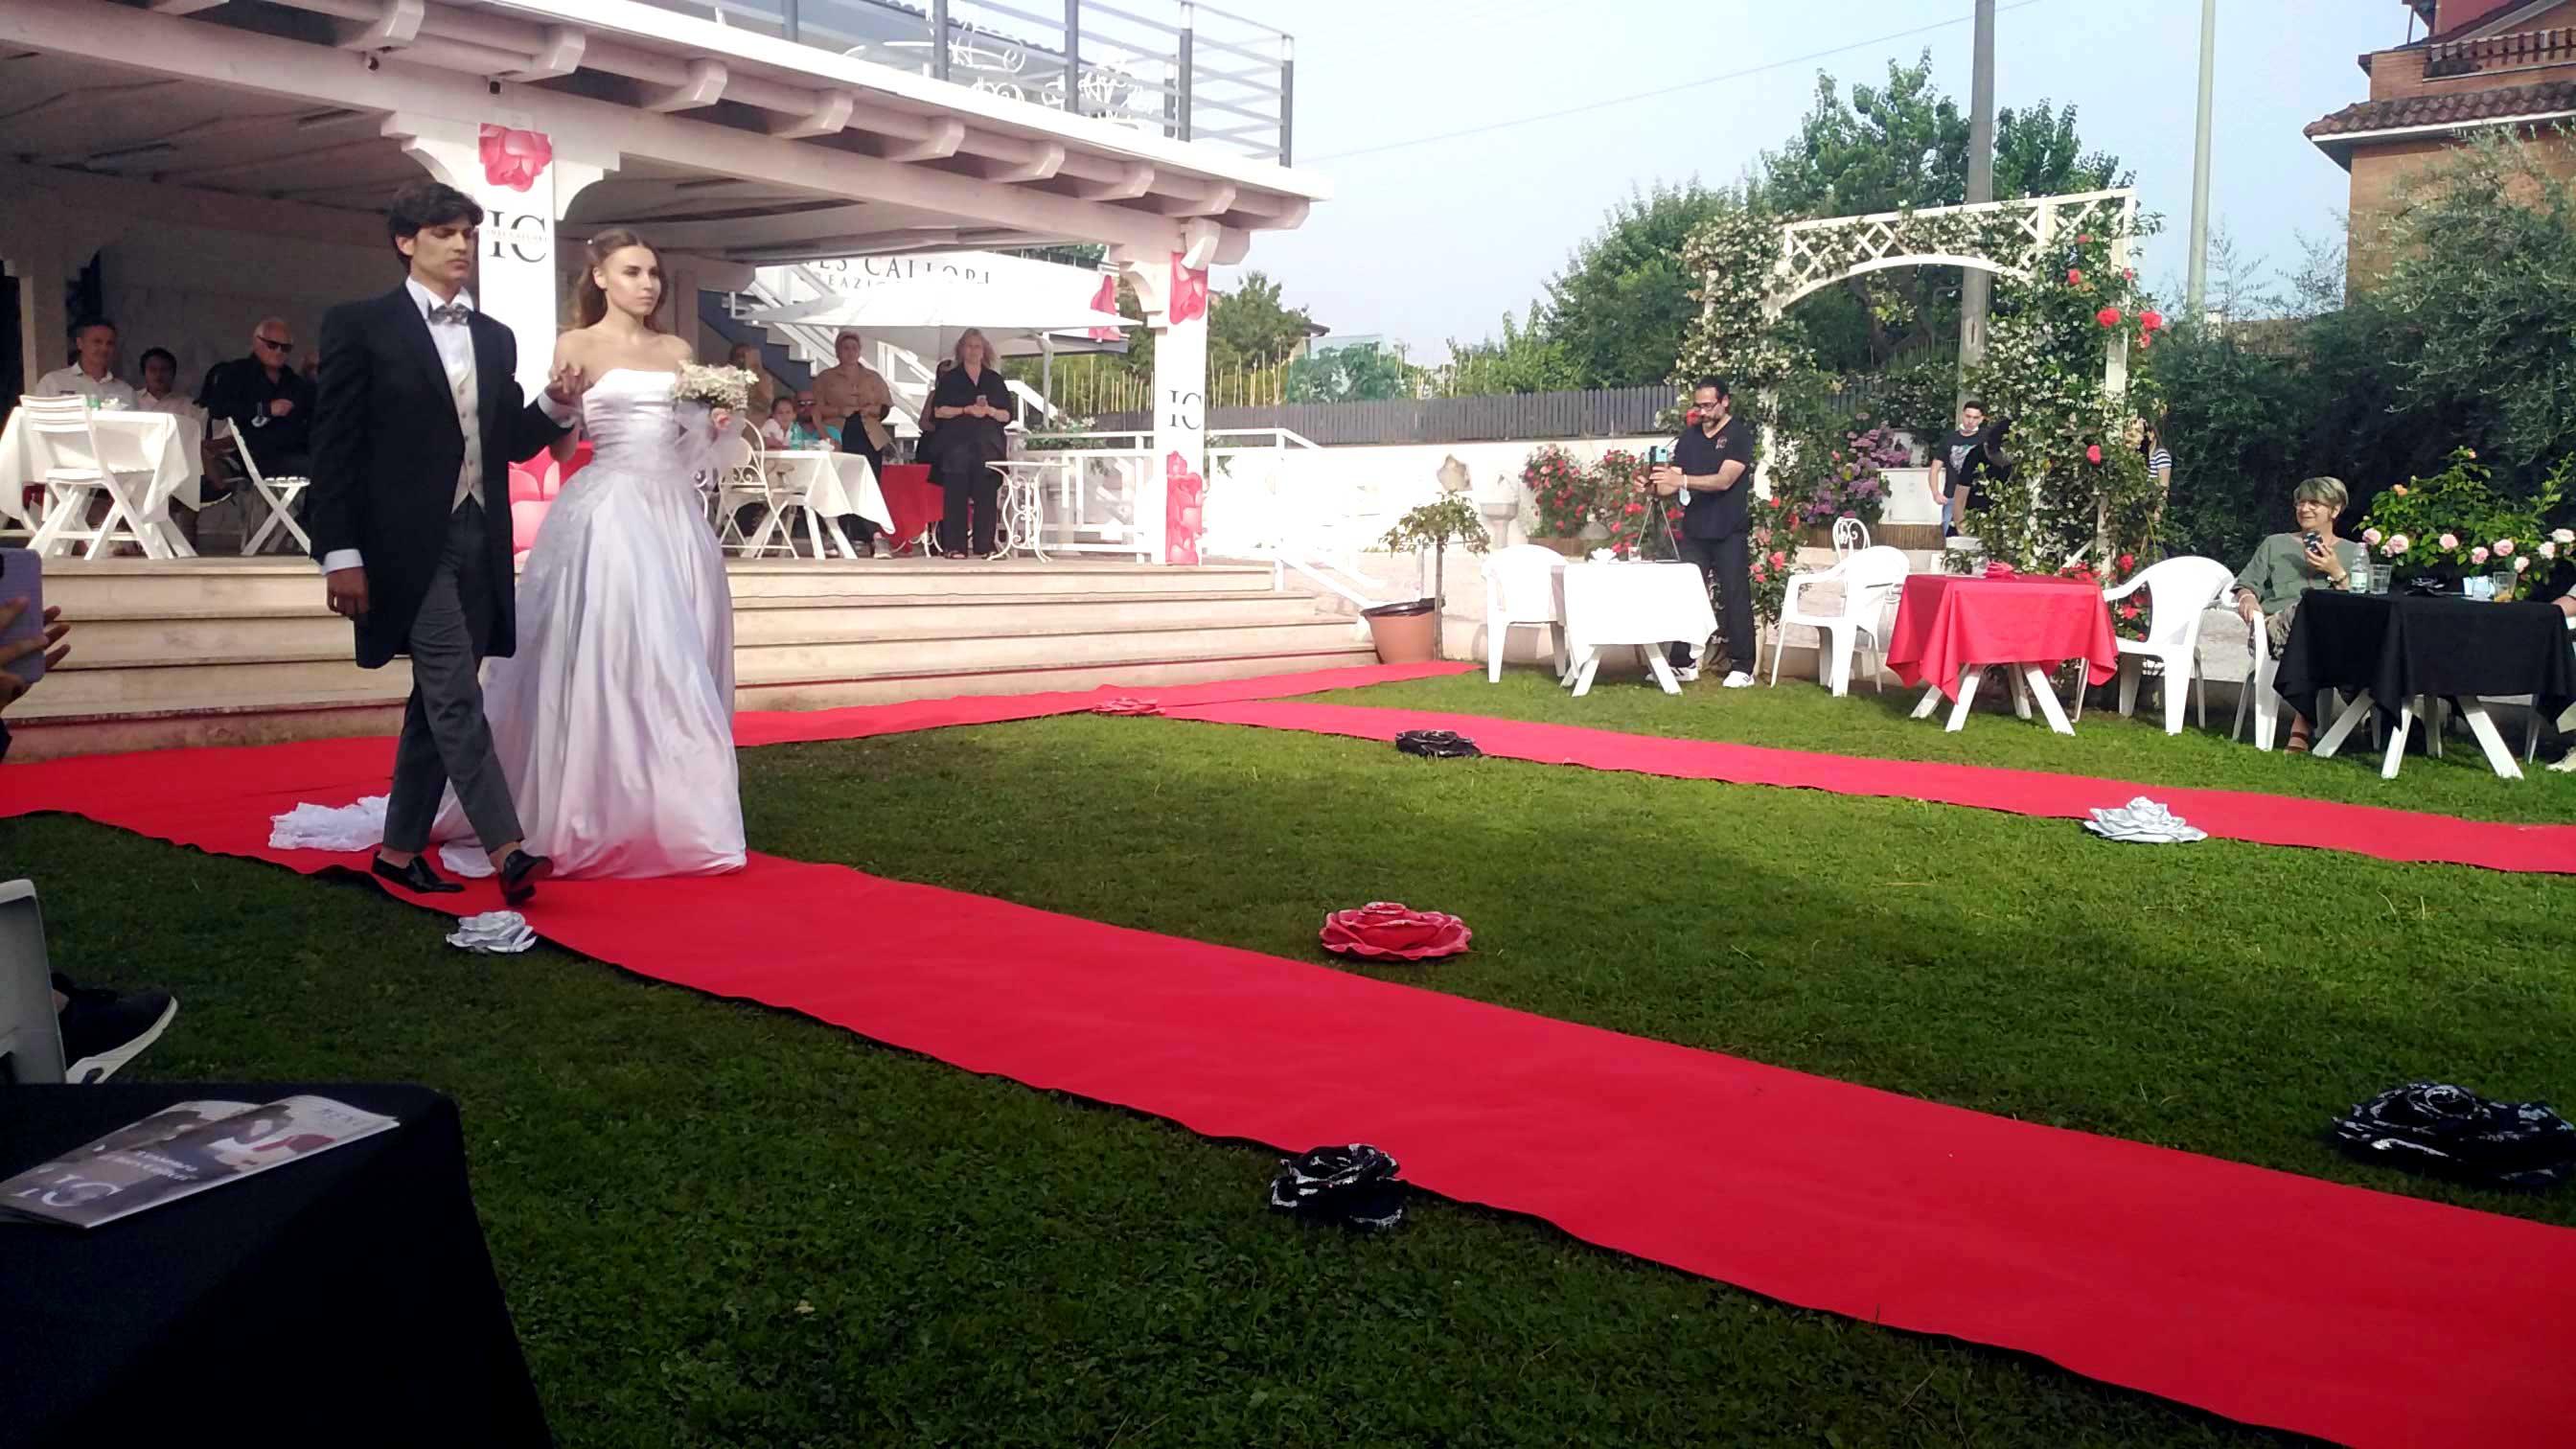 Abiti sposo Eleonora Giamberduca presenta un abito da matrimonio per uomo firmato Elins moda a villa Aurora (Frascati). Vestito sposo a Roma